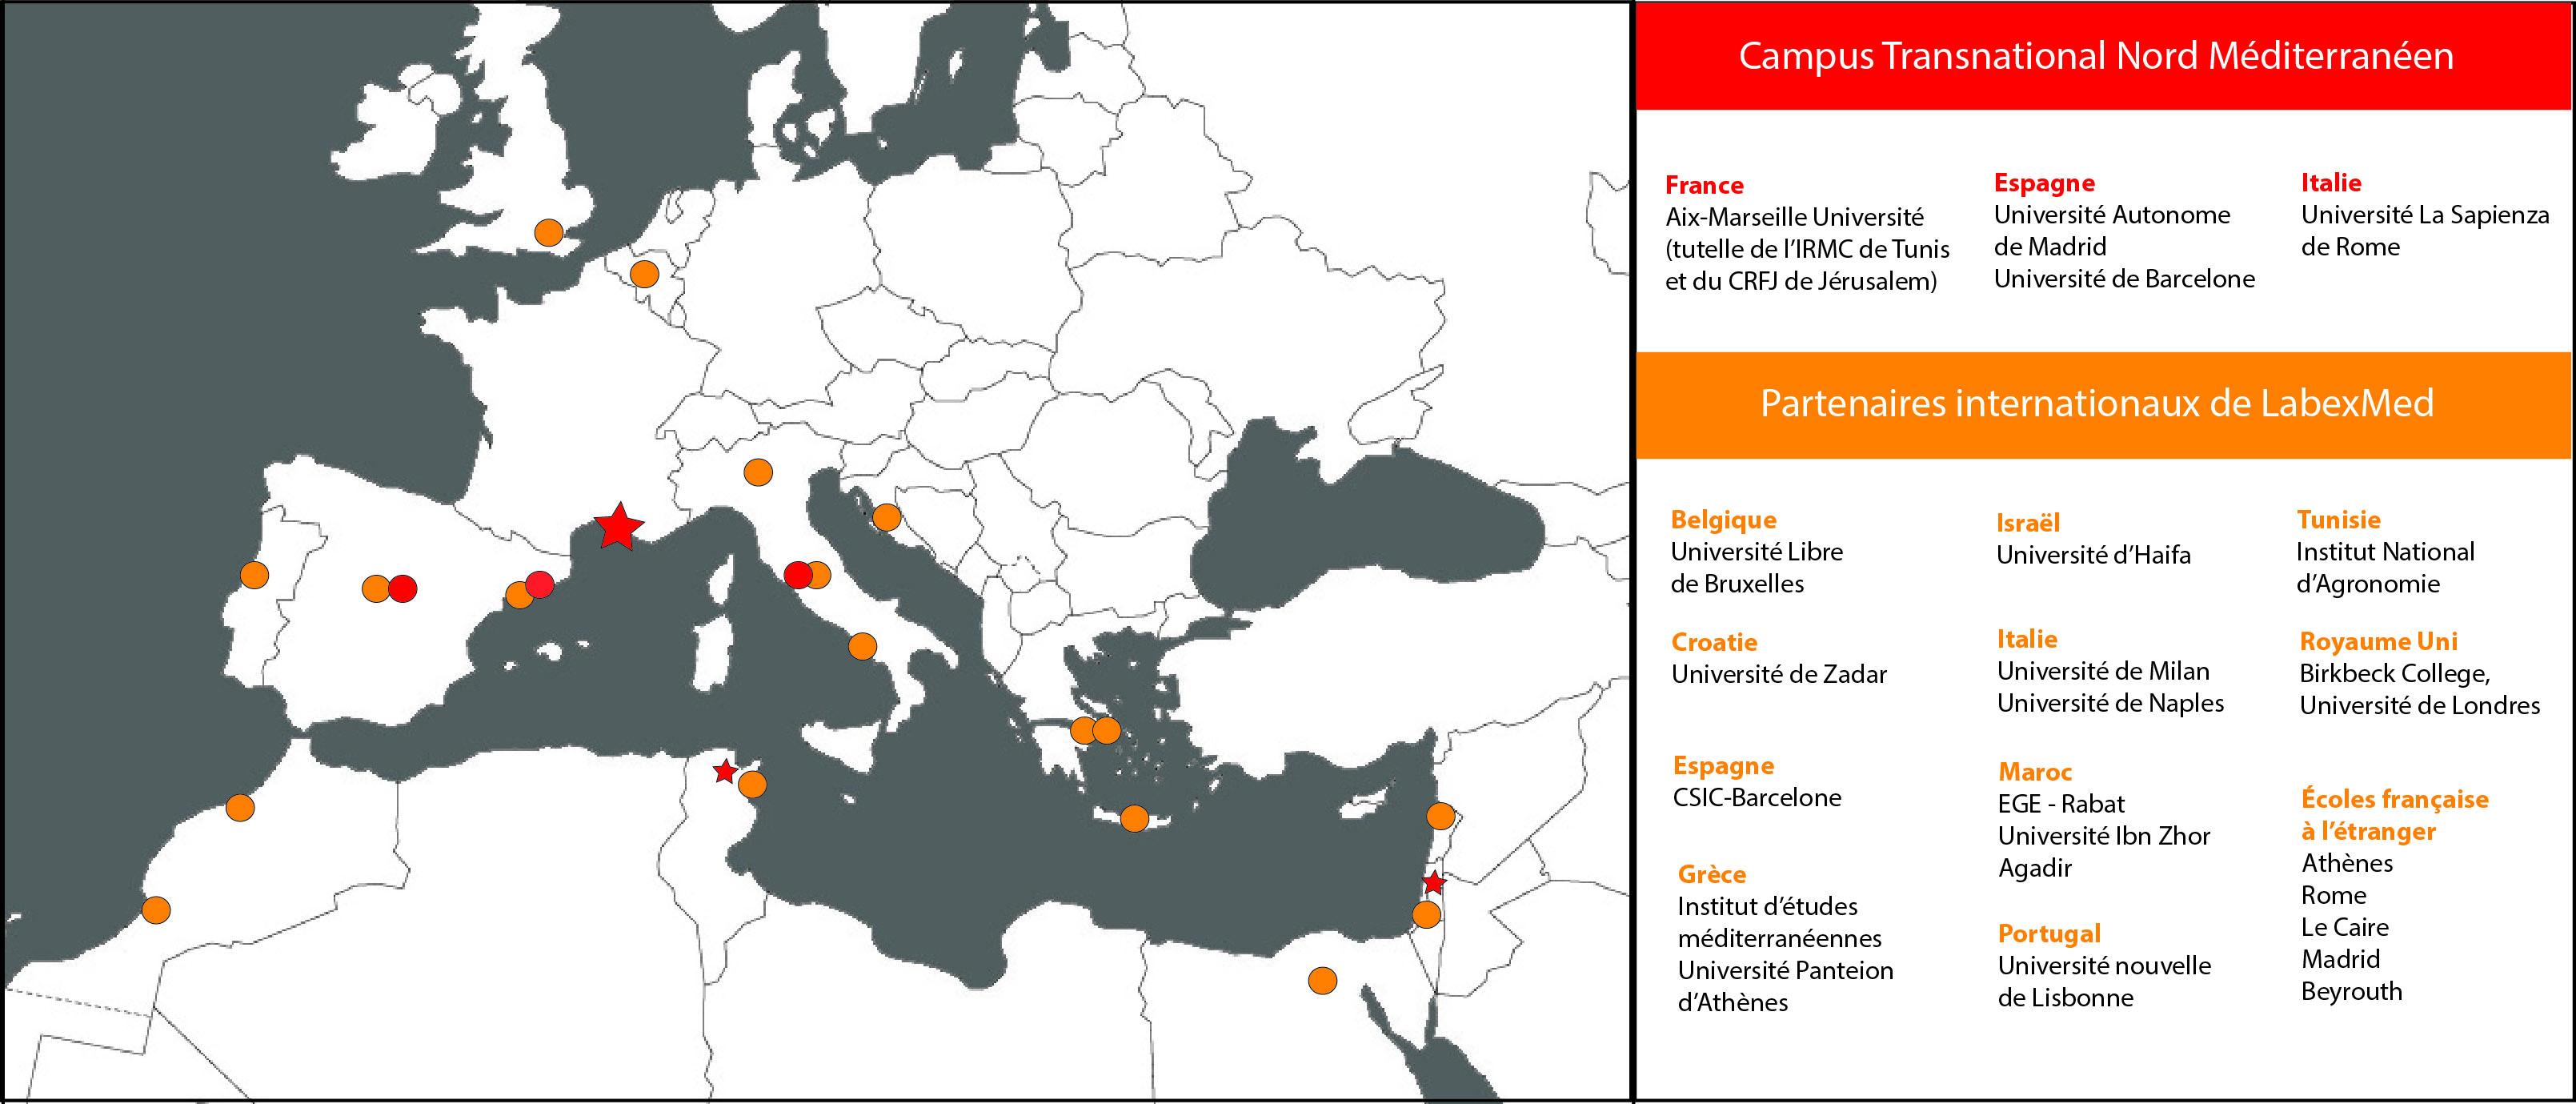 Carte du réseau des partenaires de LabexMed